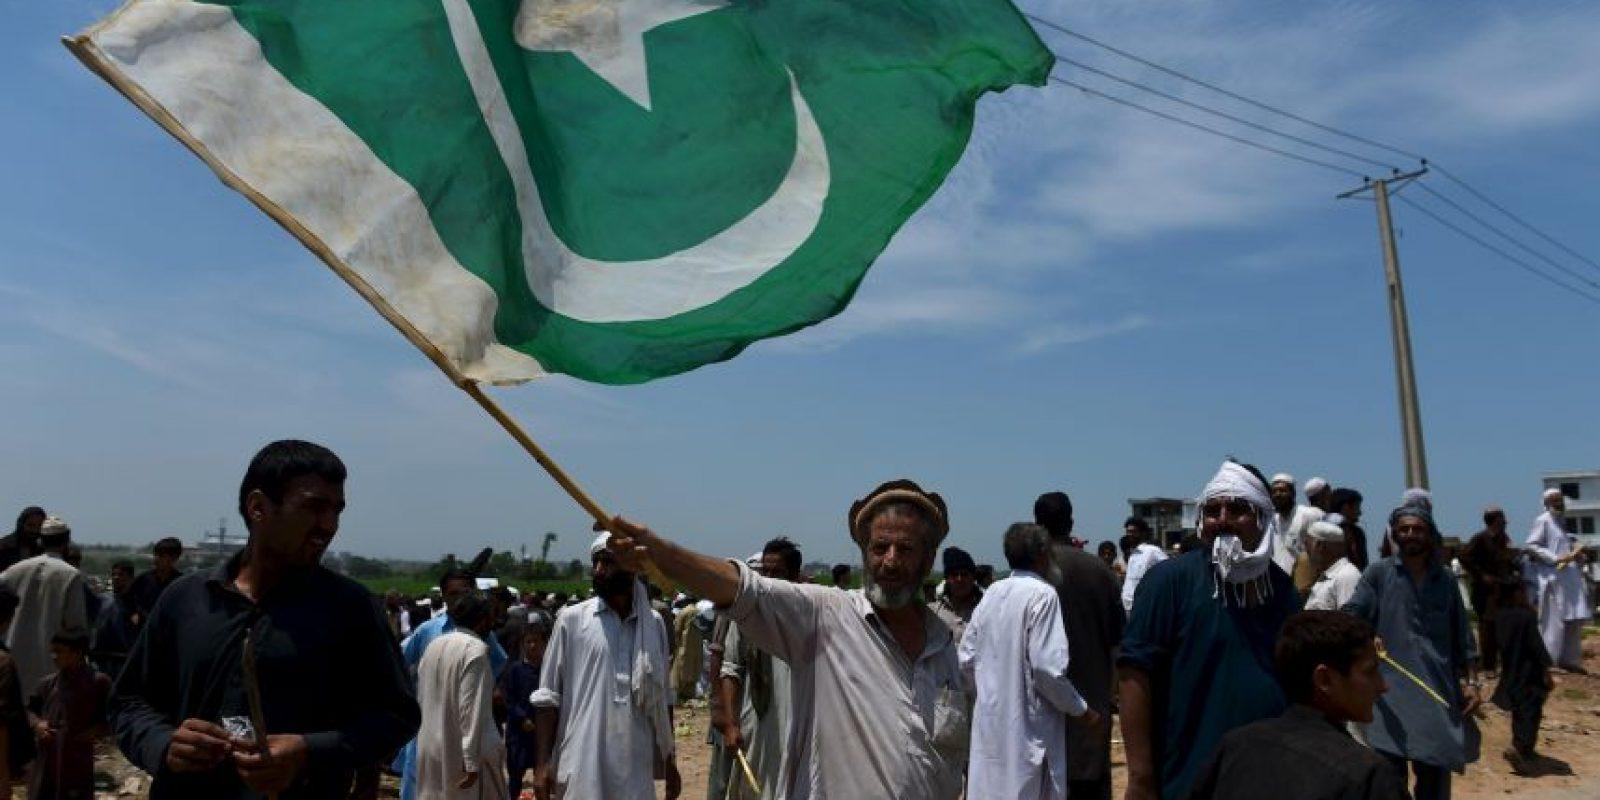 Su muerte podría provocar profundas divisiones en los insurgentes. Foto:AFP